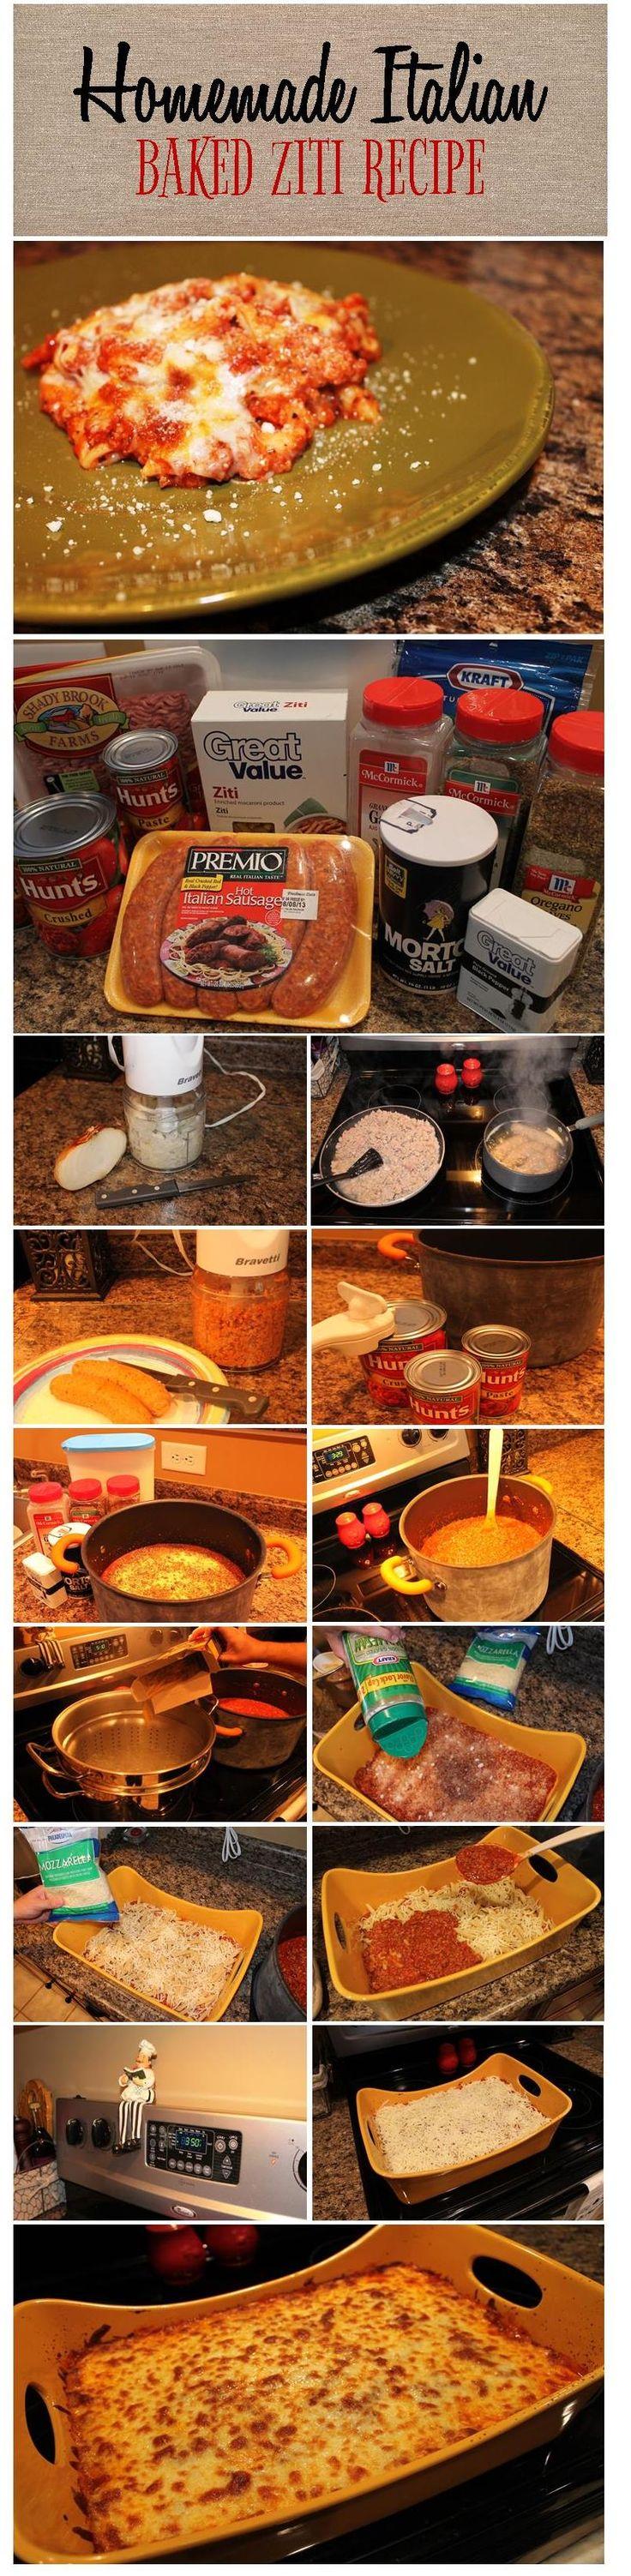 Homemade Italian Baked Ziti Recipe | Brass & Whatnots